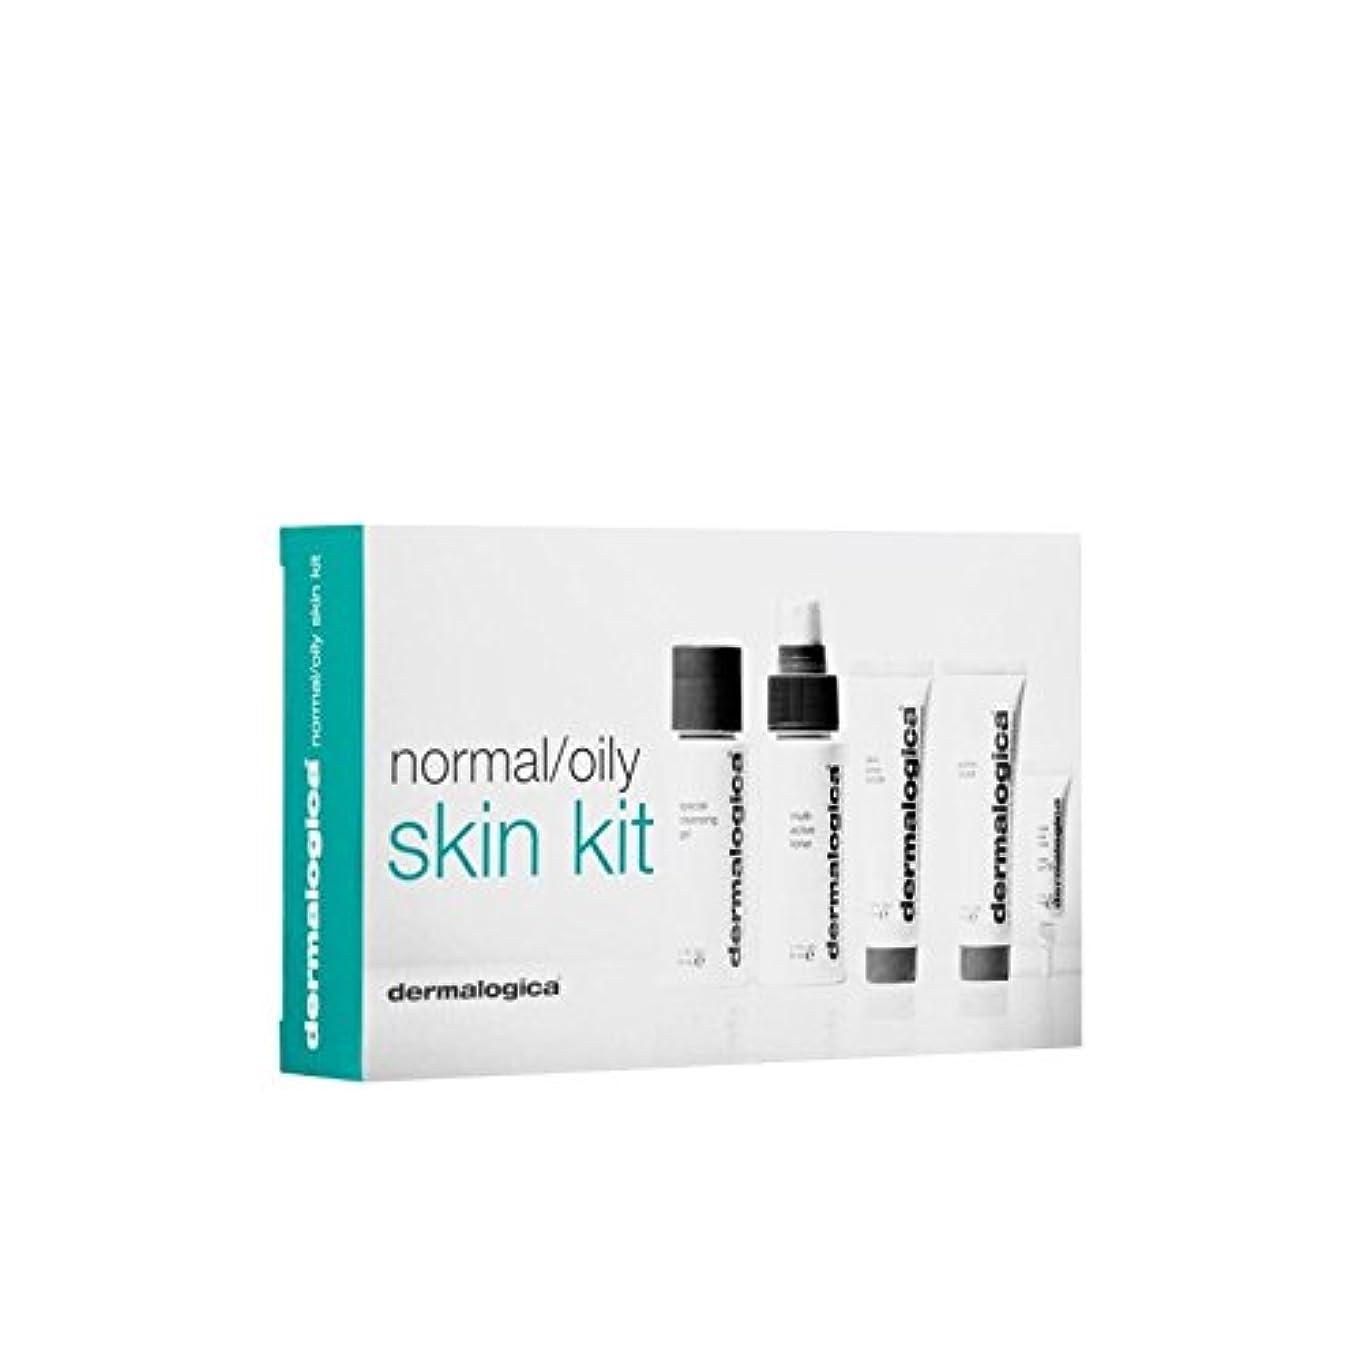 劣る怪物ビバダーマロジカスキンキット - ノーマル/オイリー(5製品) x2 - Dermalogica Skin Kit - Normal/Oily (5 Products) (Pack of 2) [並行輸入品]